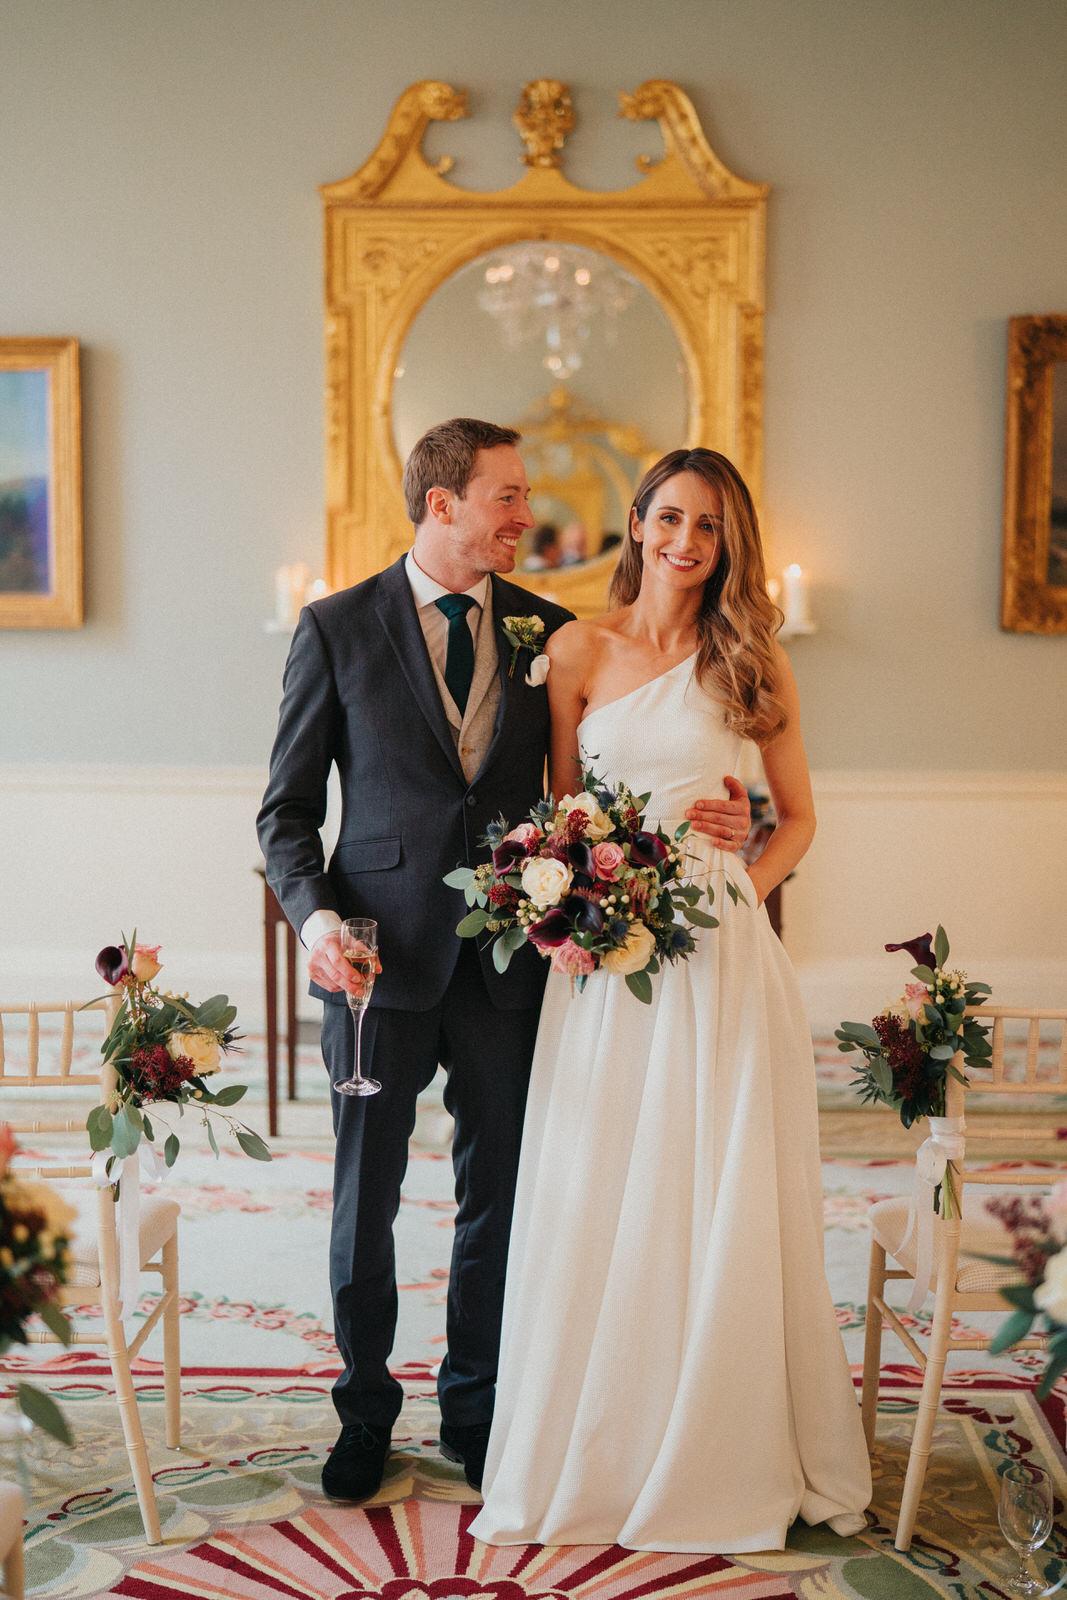 Merrion-Hotel-Dublin-wedding-photos-2 1